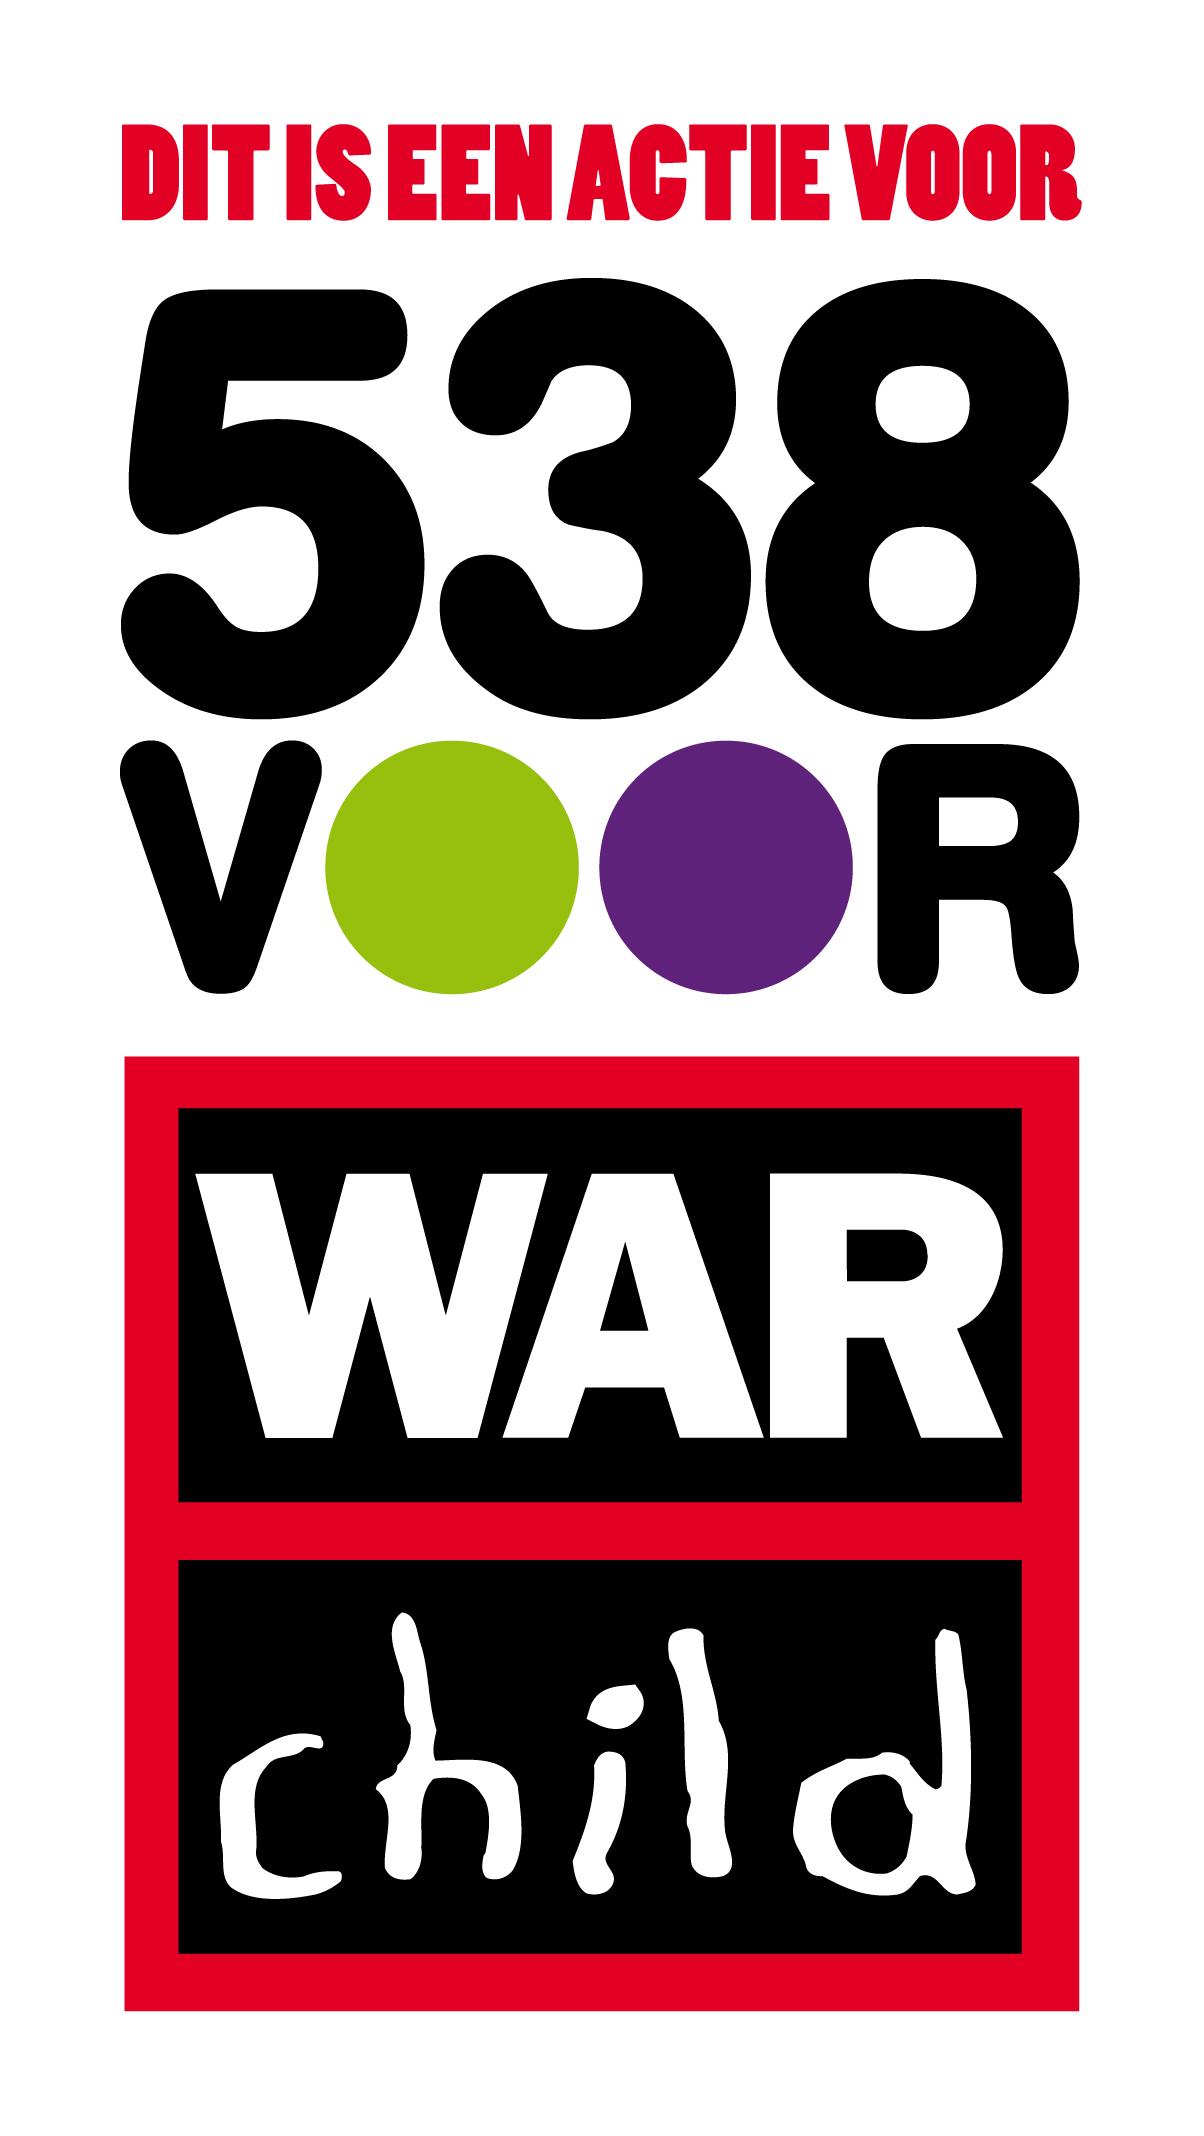 538 for warchild komt 23 maart naar Heerenveen